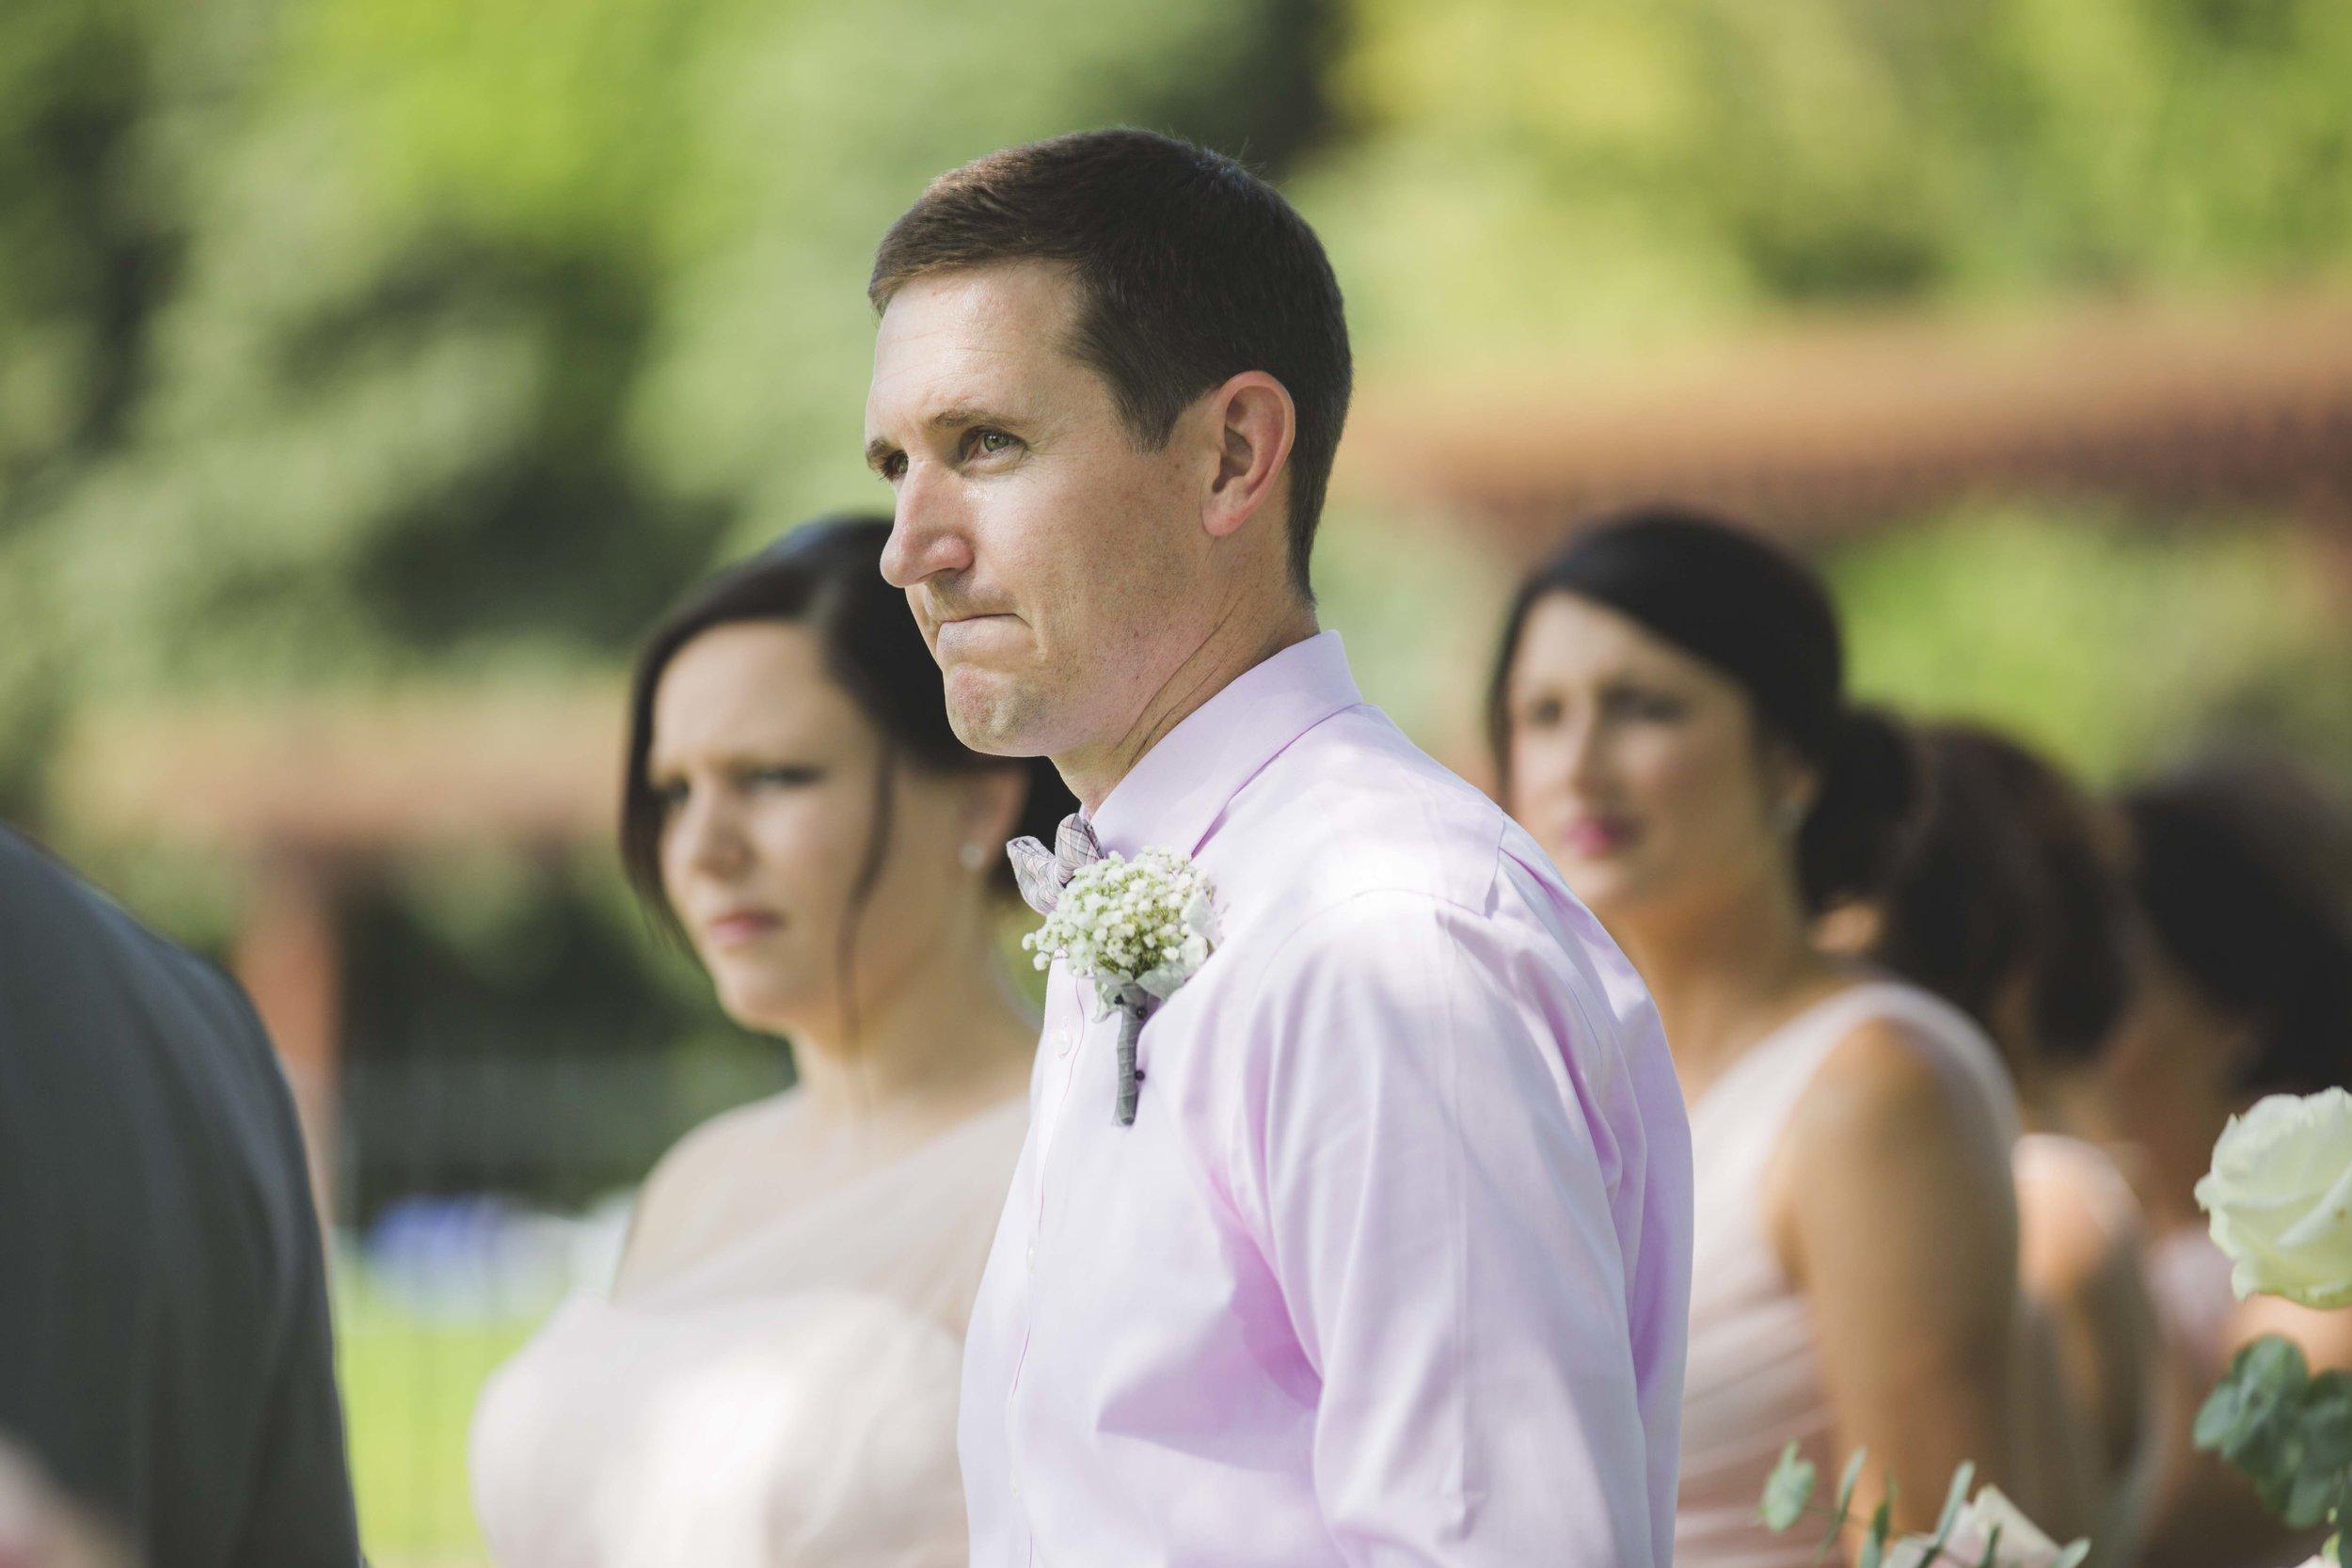 ATGI_Susanna & Matt Wedding_717A7624.jpg